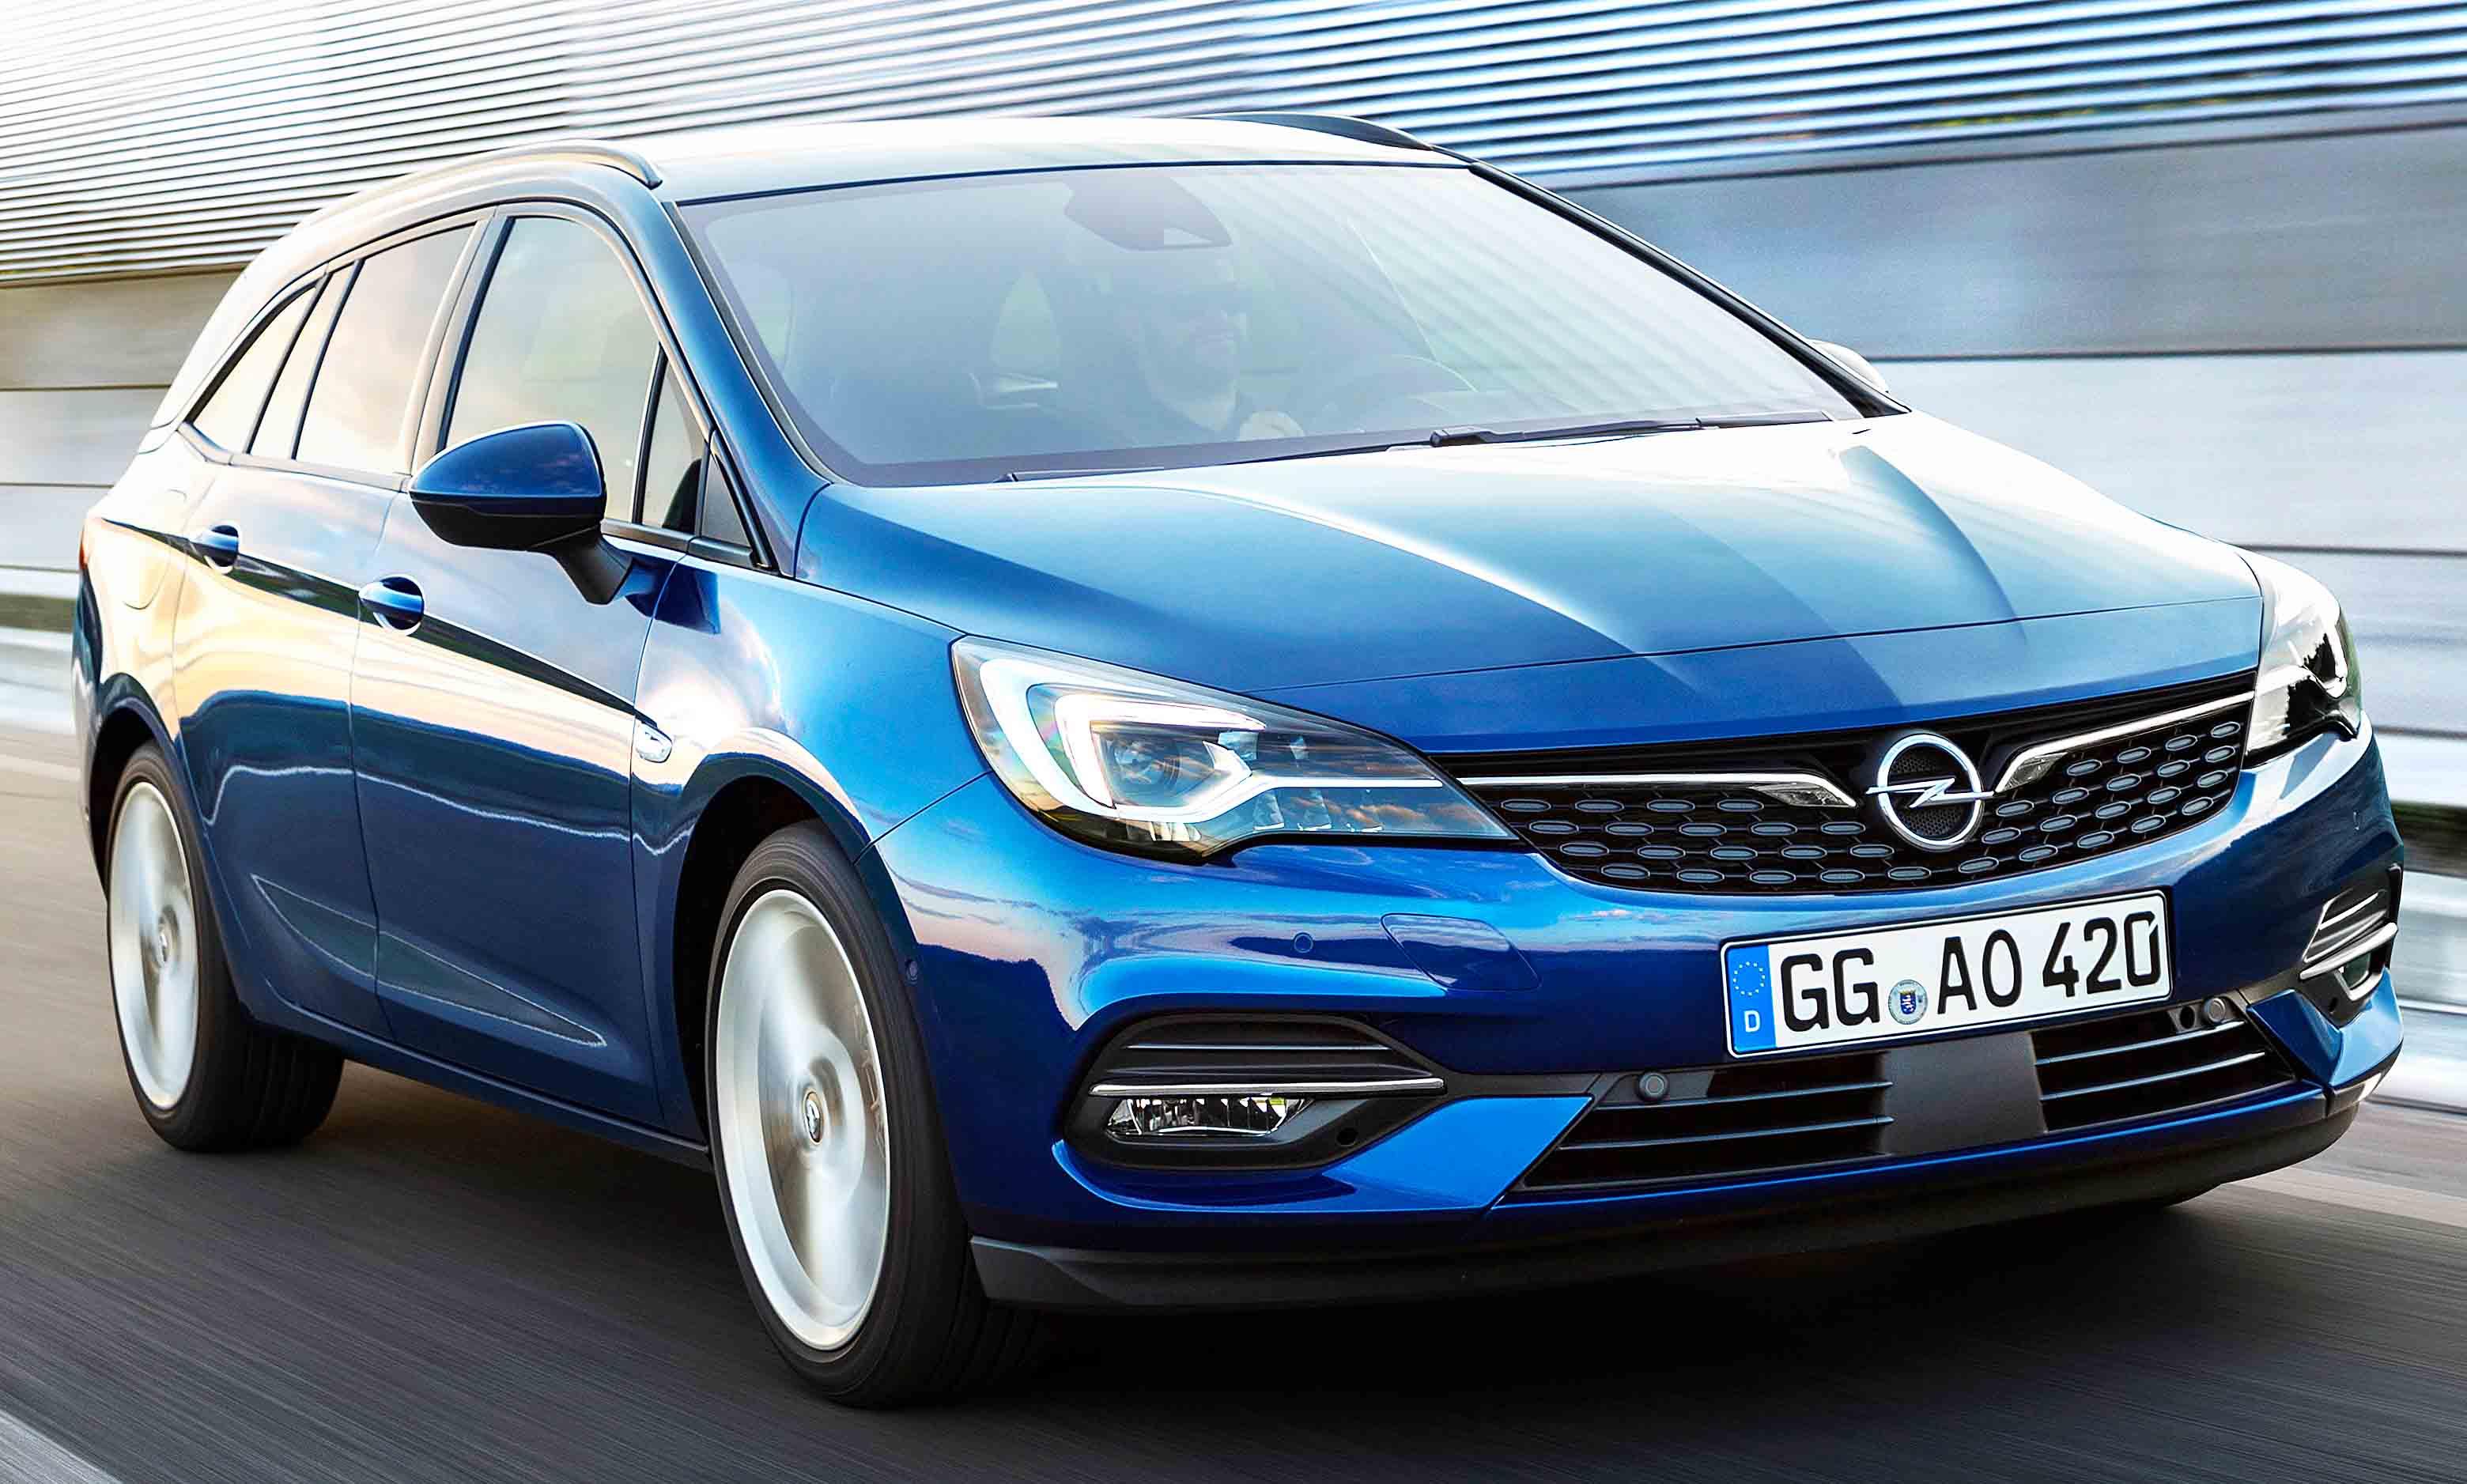 64 Great Opel Astra Kombi 2020 Release Date for Opel Astra Kombi 2020